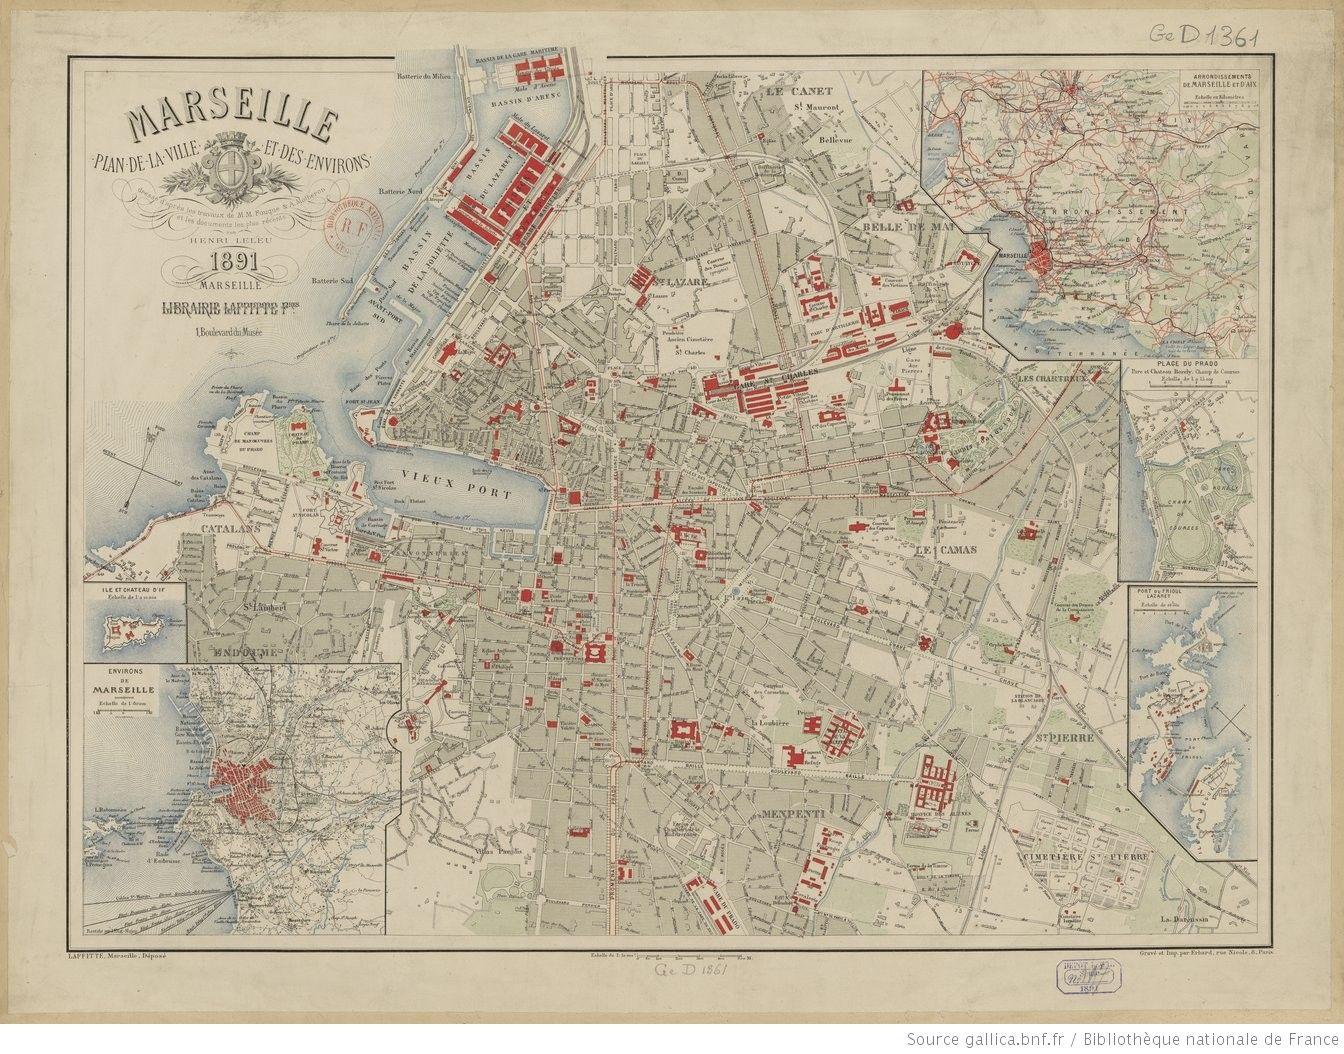 Marseille Plan De La Ville Et Des Environs Dresse D Apres Les